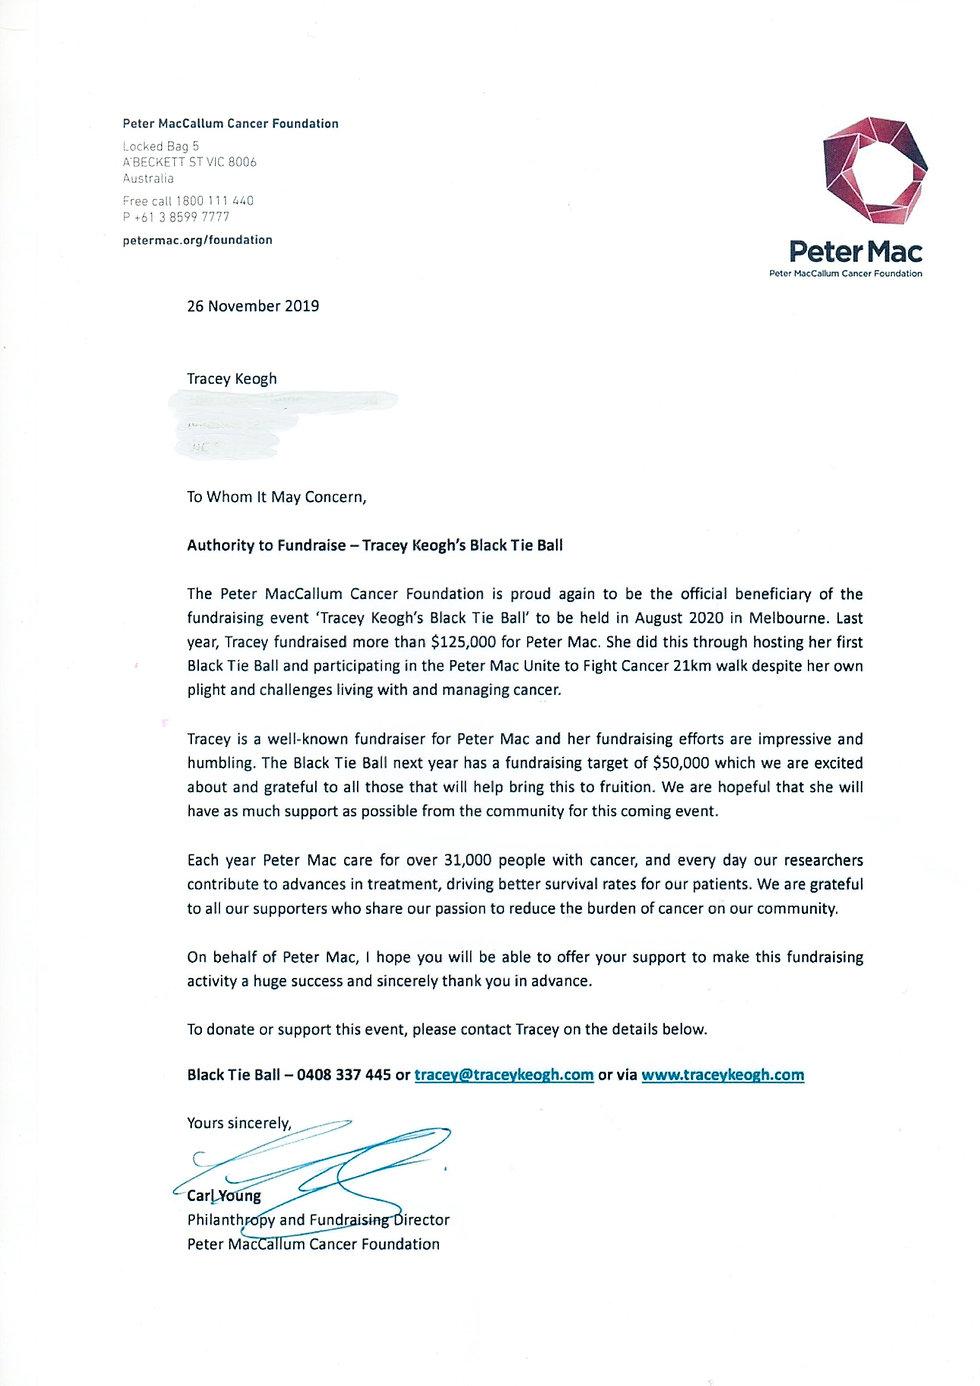 Peter Mac Letter.JPG